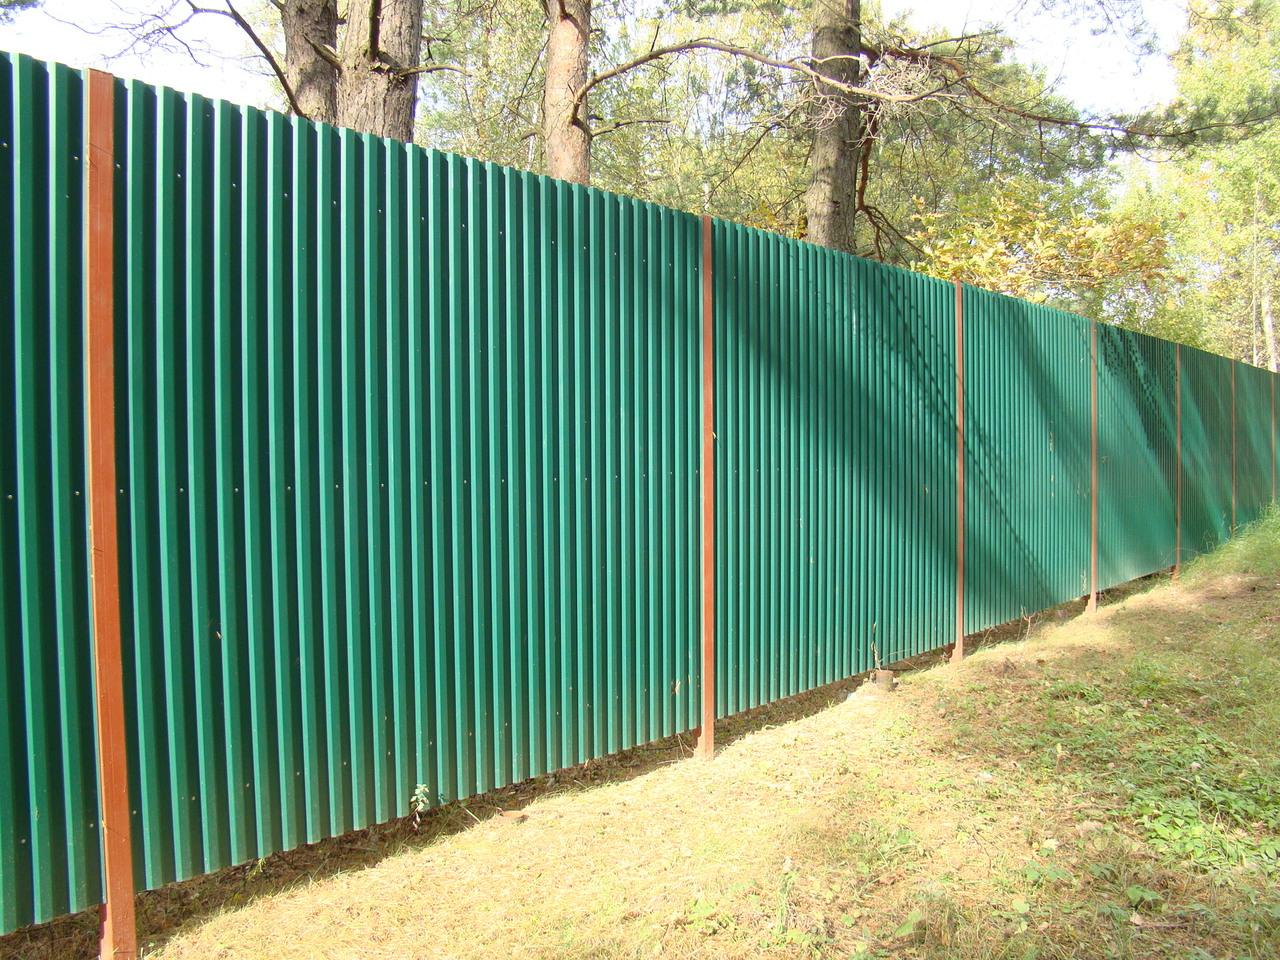 Купить забор из профнастила (металлопрофиля) в Минске. Лучшие цены на 72